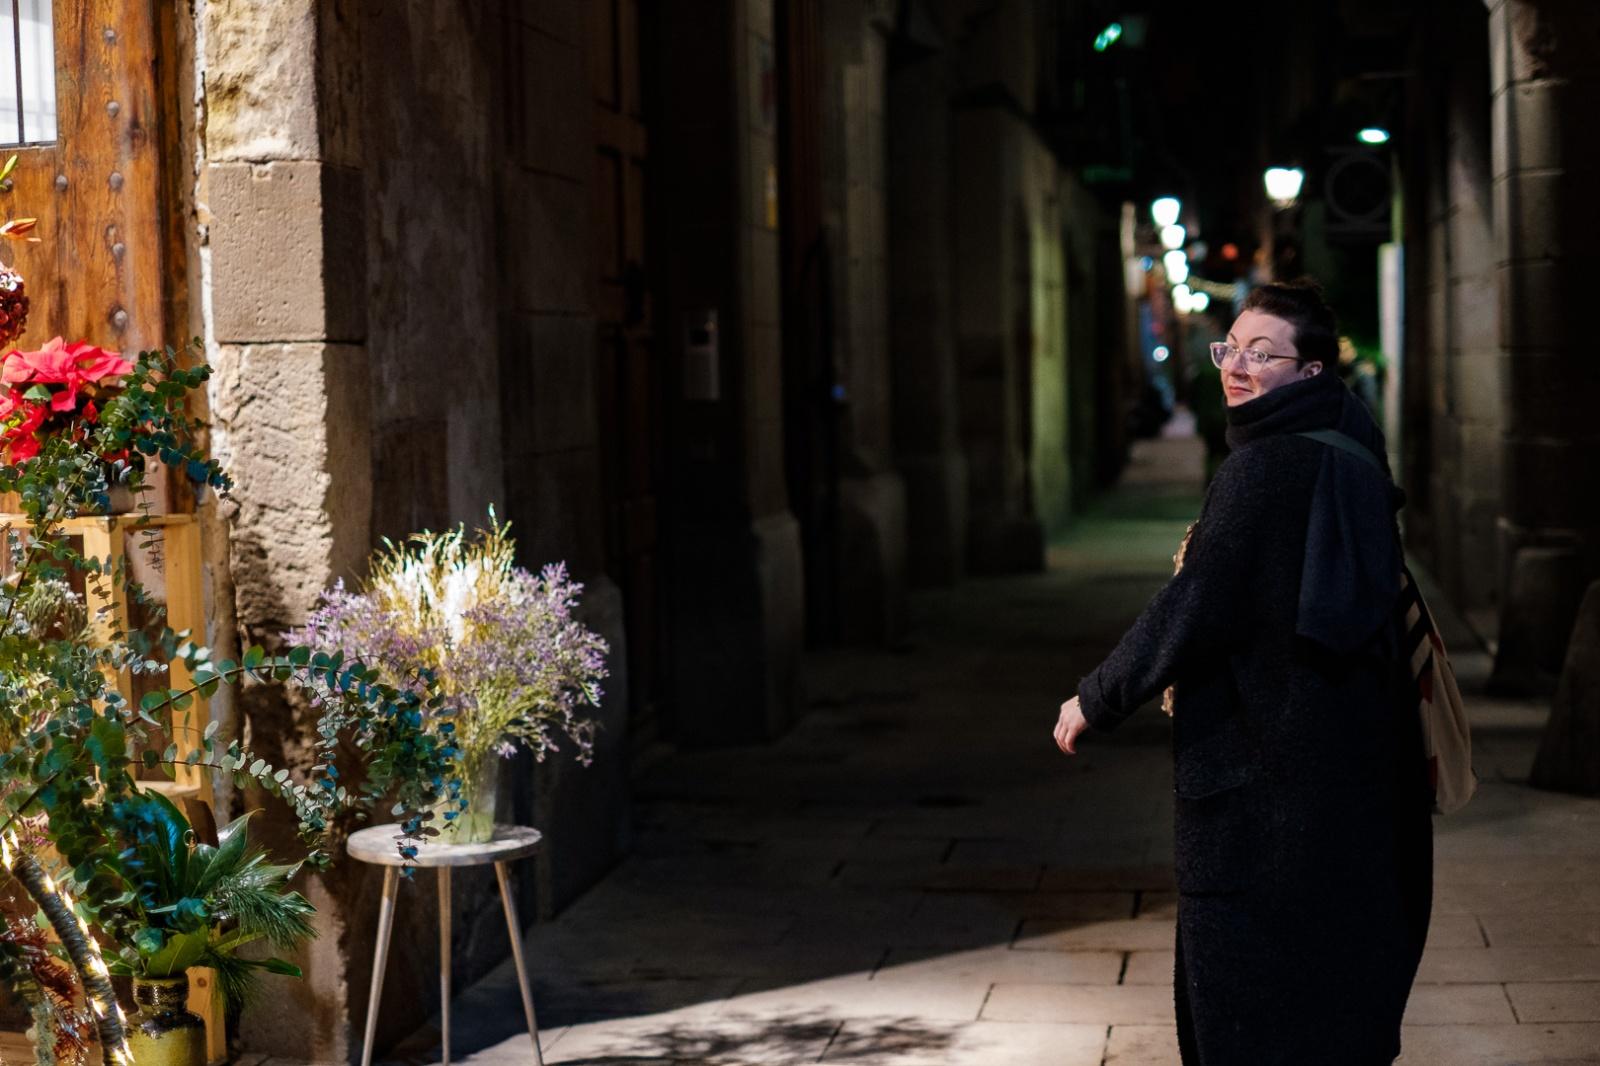 curso de fotografia de calle en Barcelona con Rober tomas